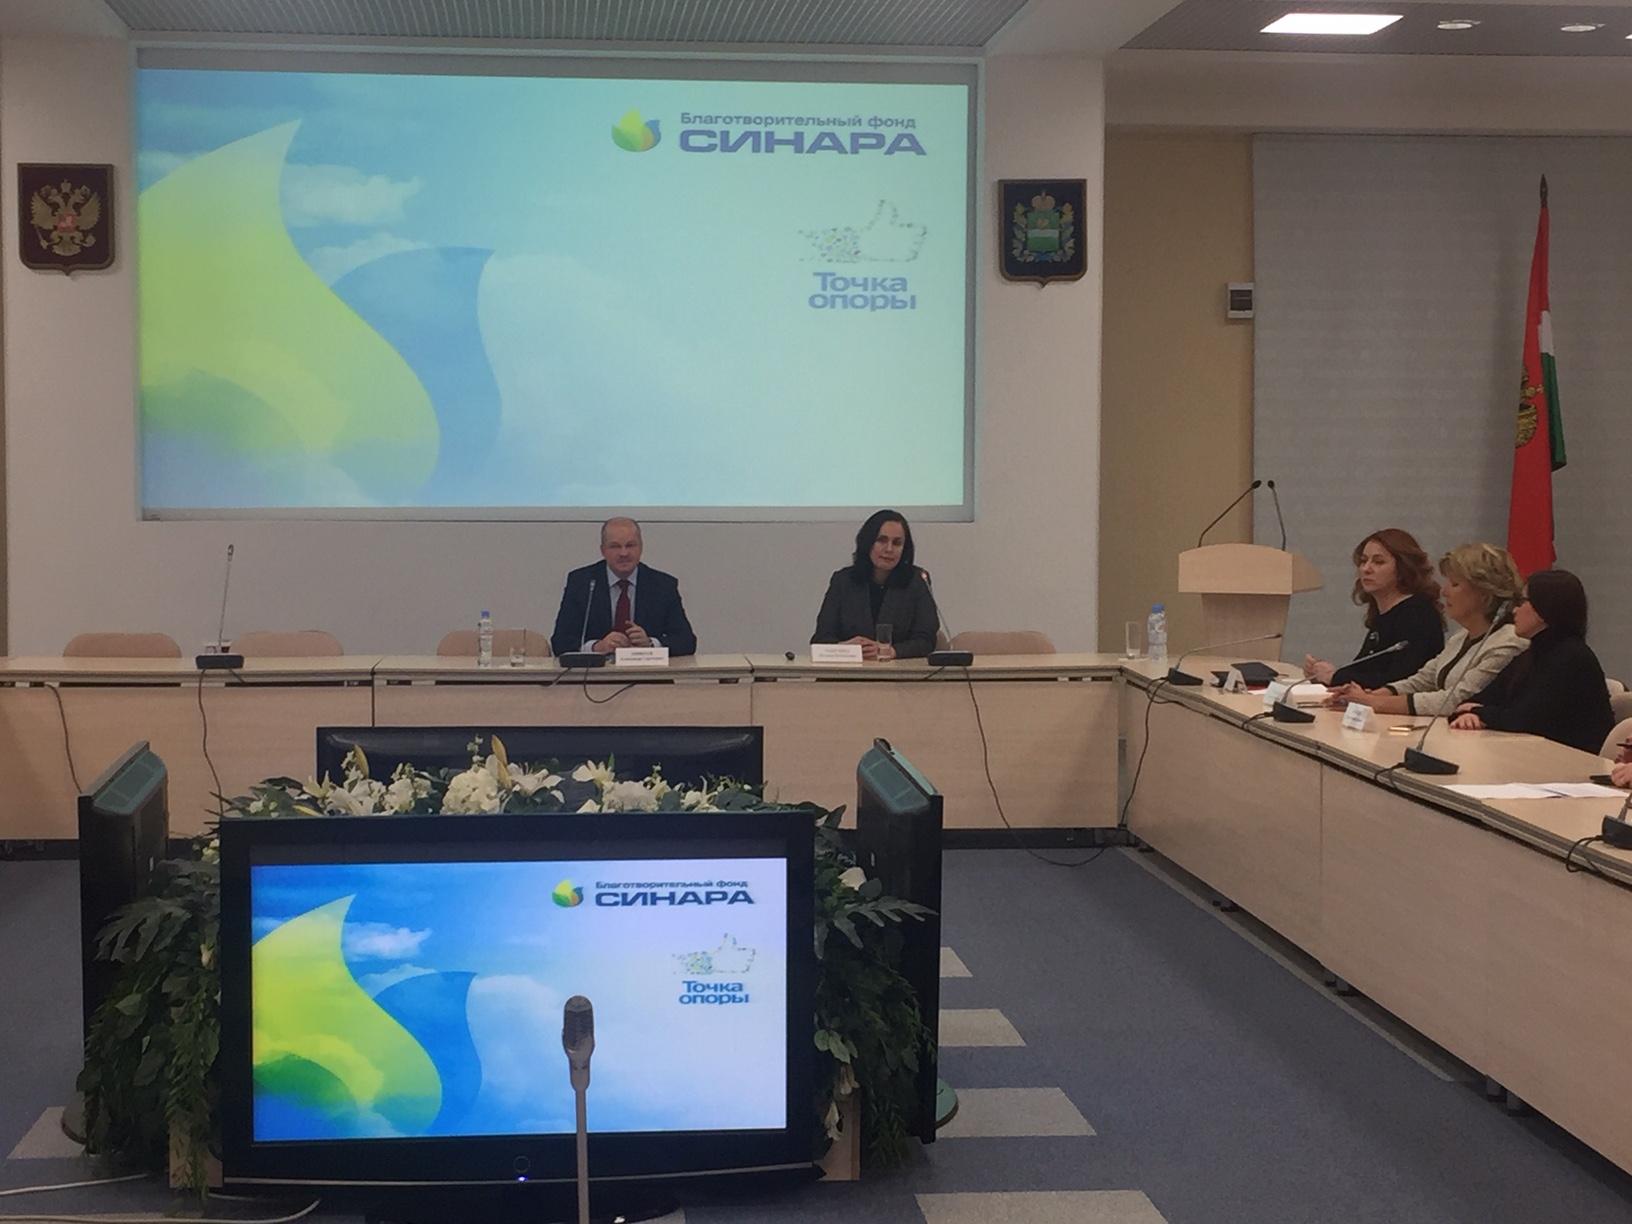 Профориентационный проект «Точка опоры» благотворительного фонда «Синара» стартовал в Калуге